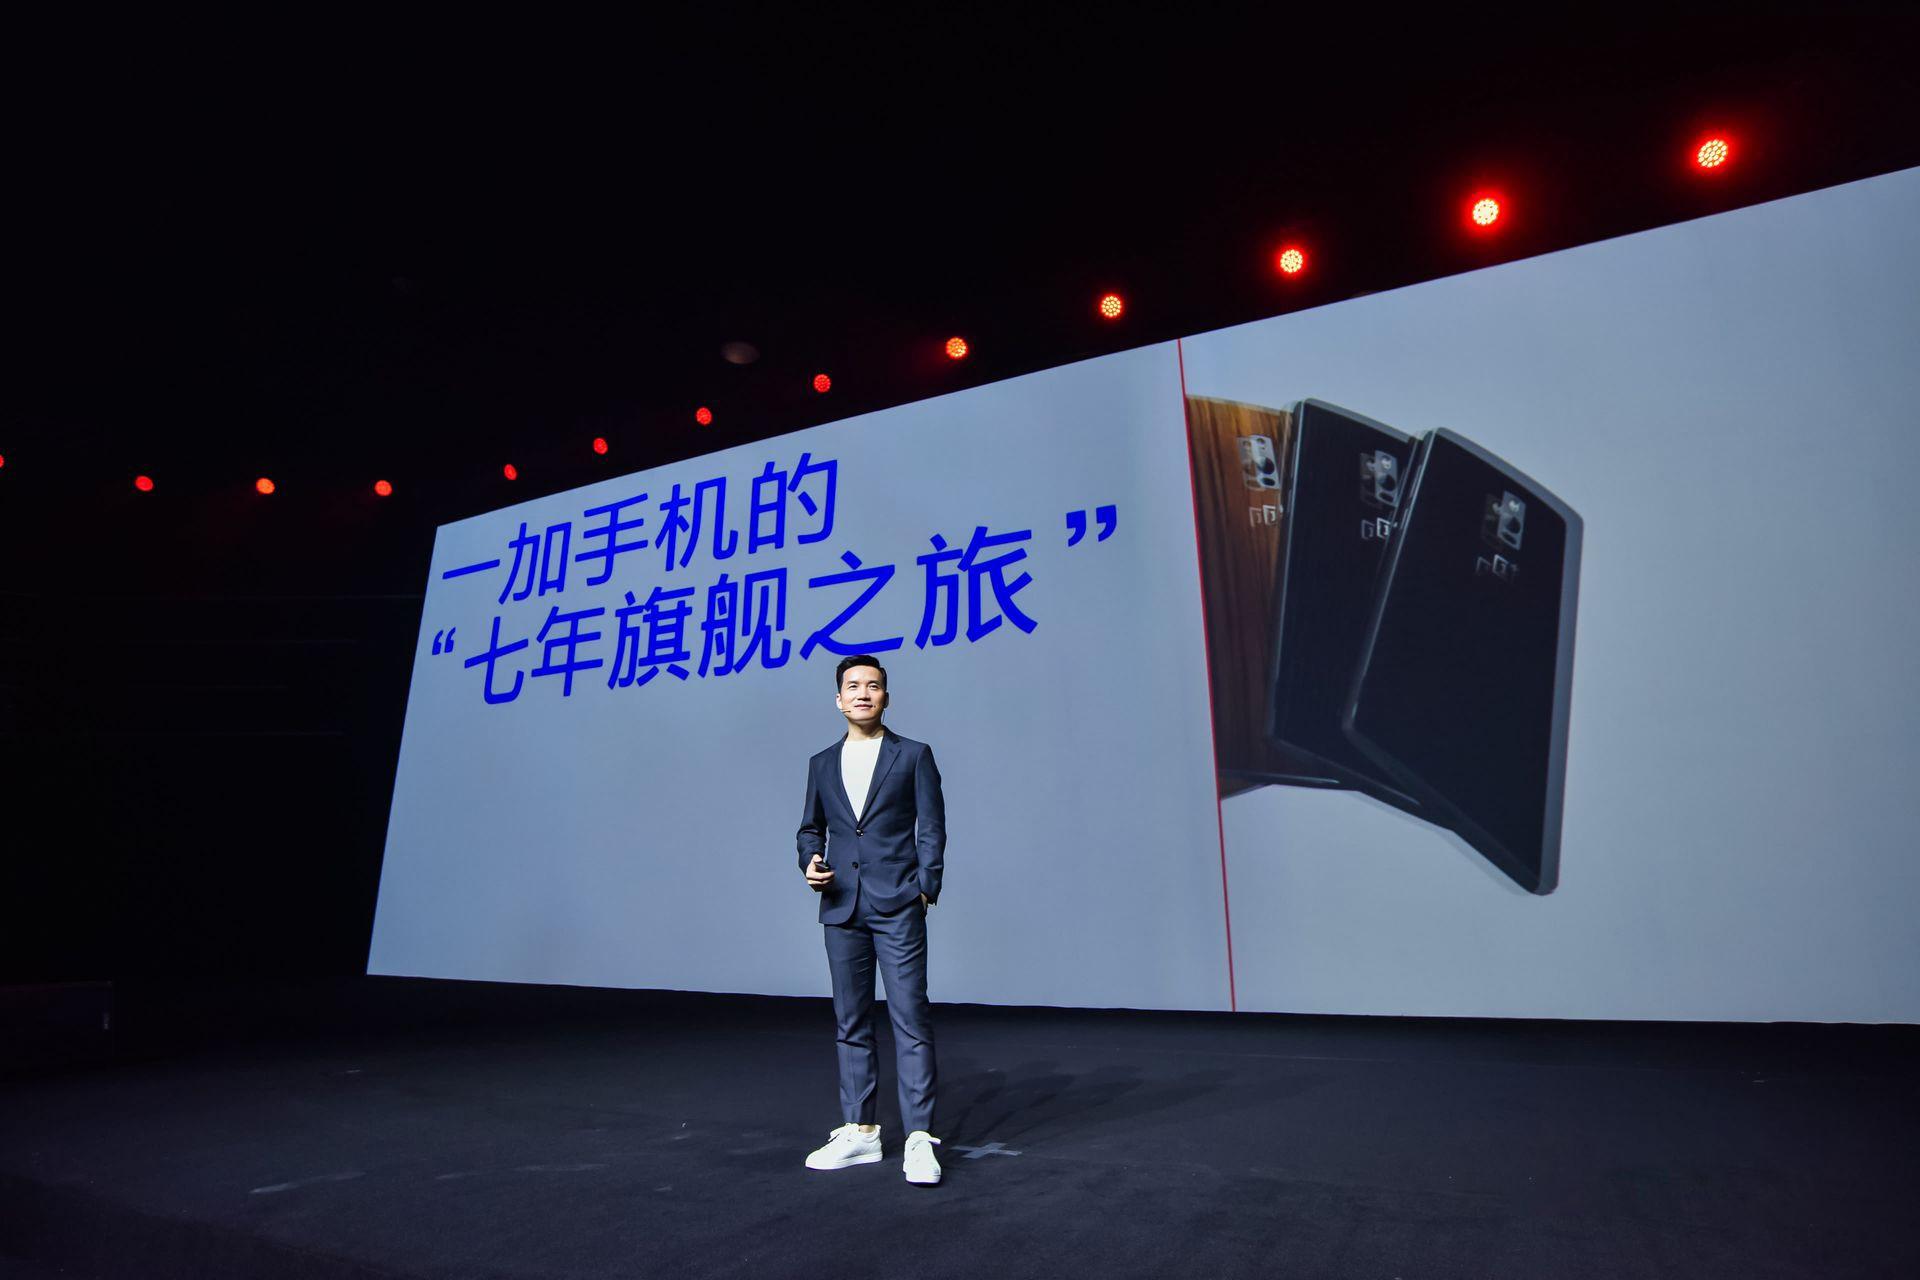 一加8T继续引领高帧屏体验 刘作虎称将未来发力三大方向